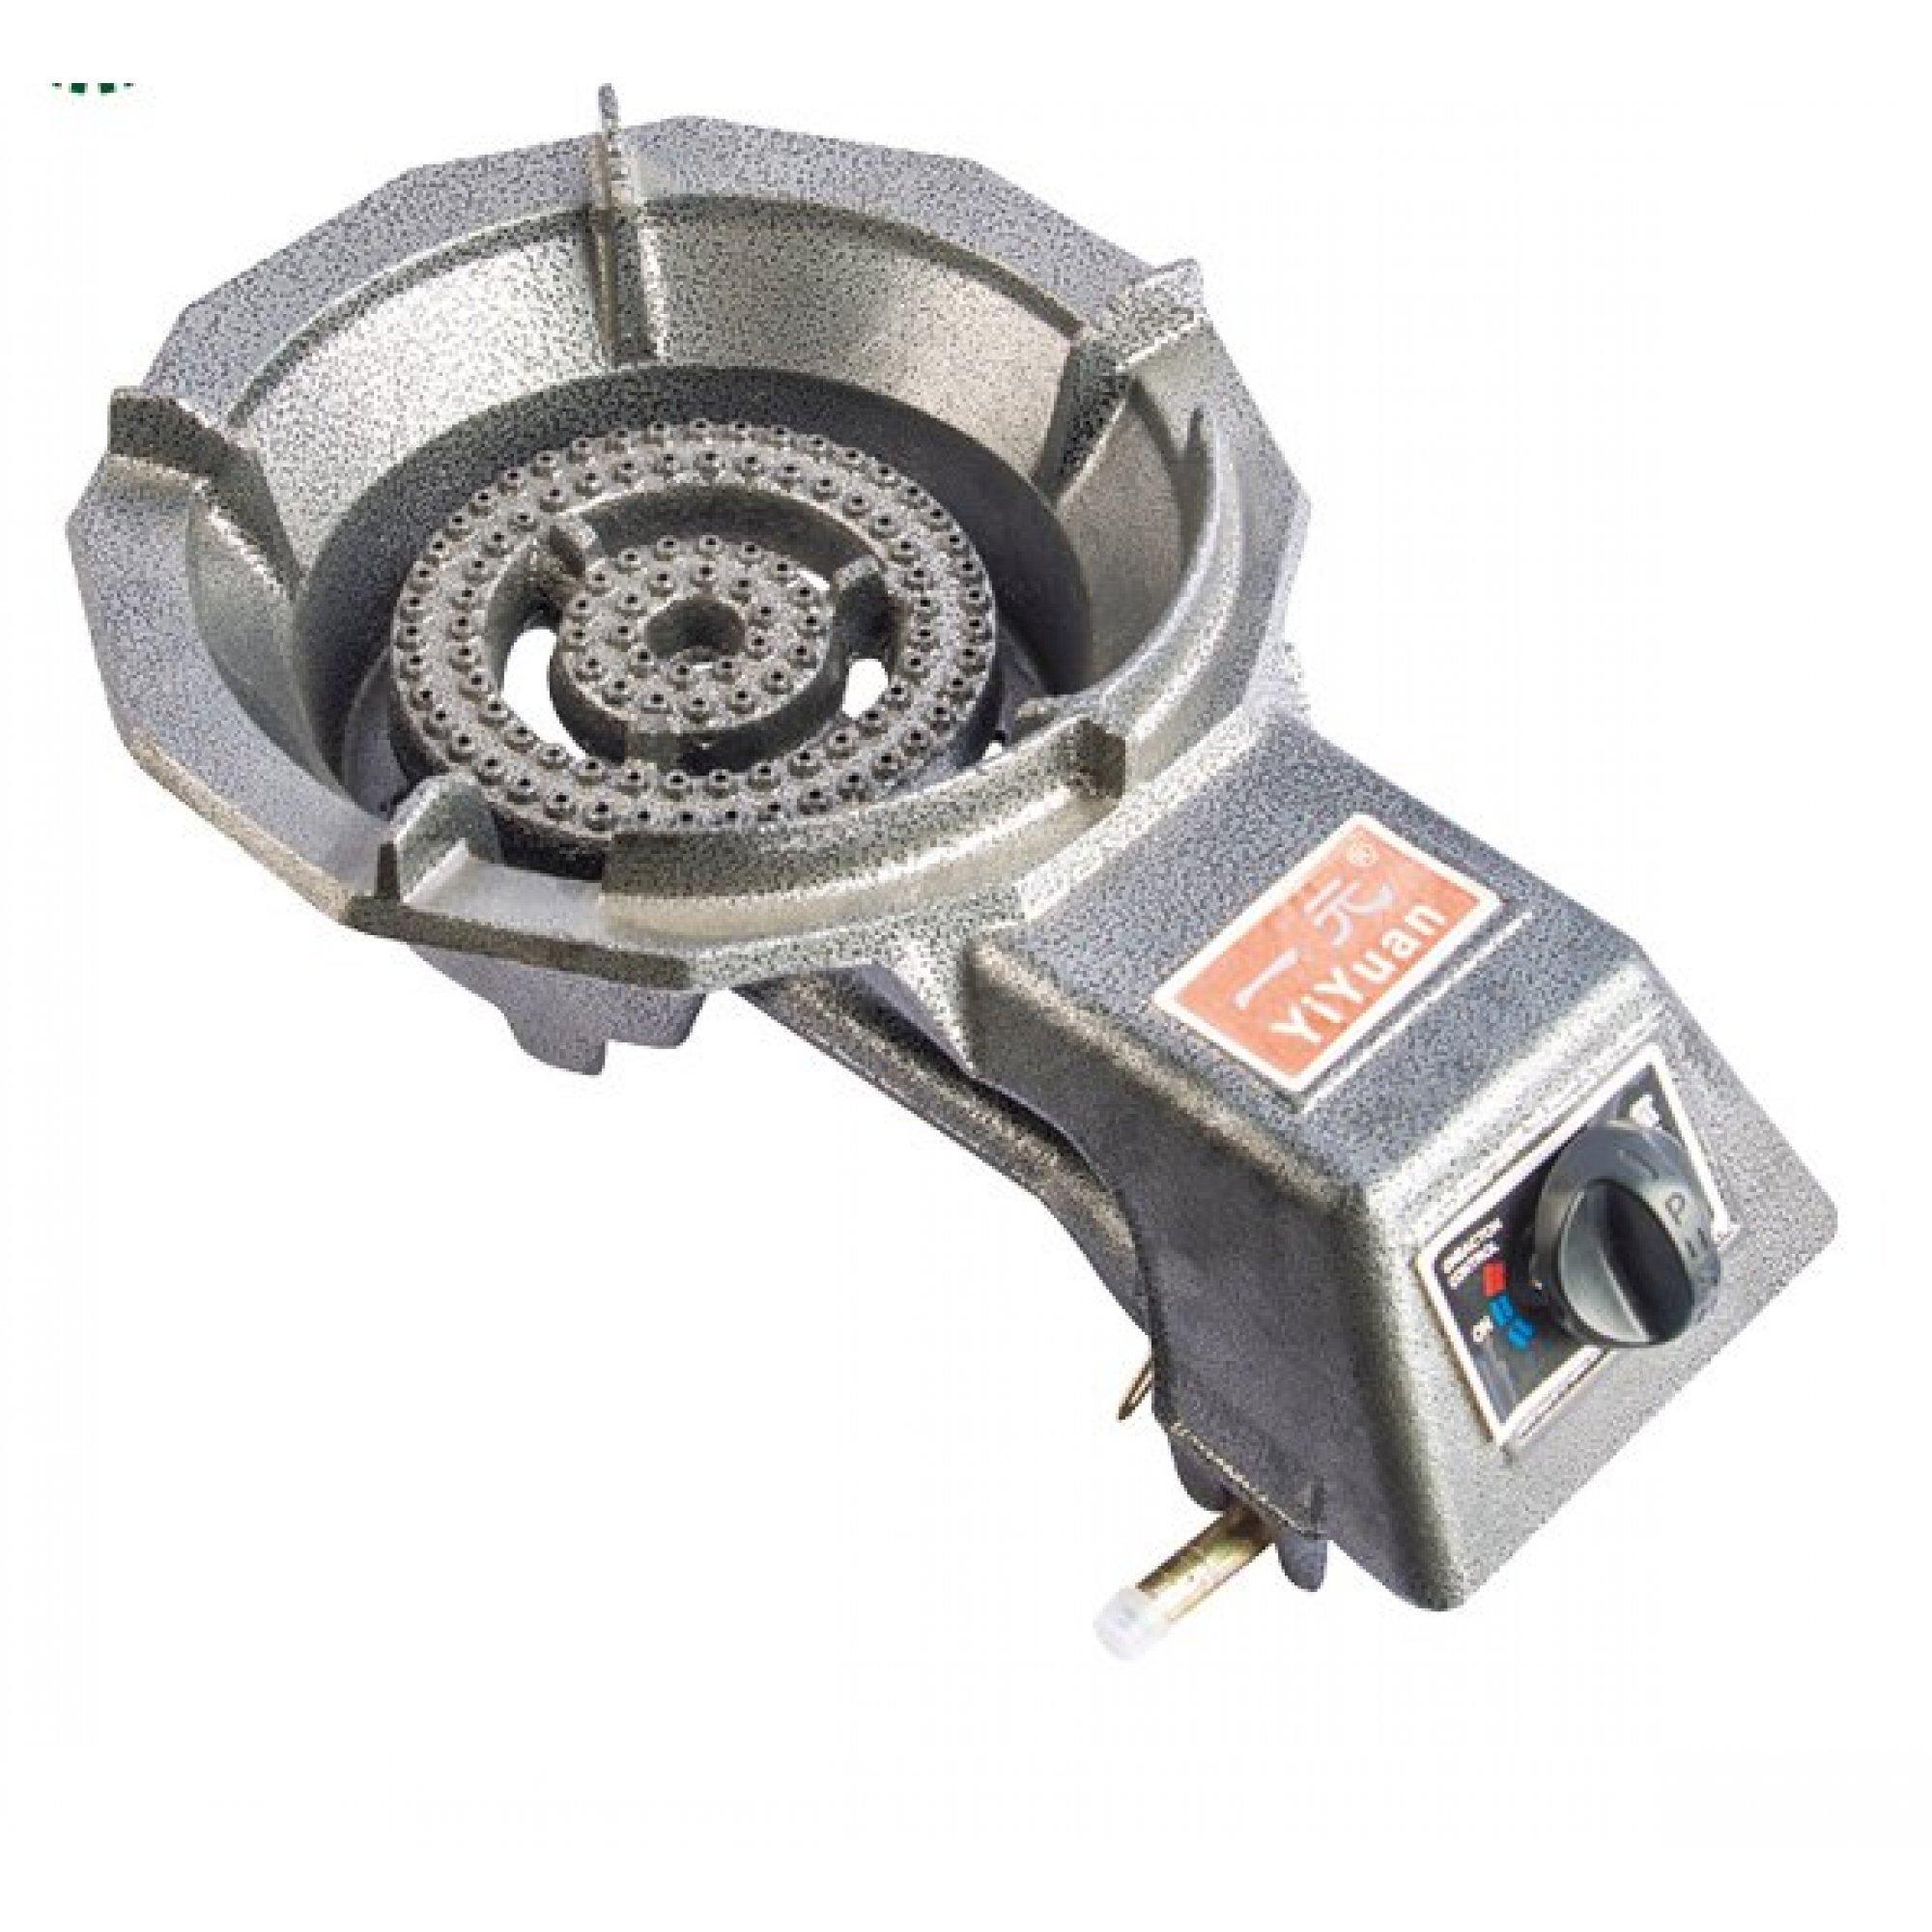 Настольная газовая горелка 6 кВт 2 контура